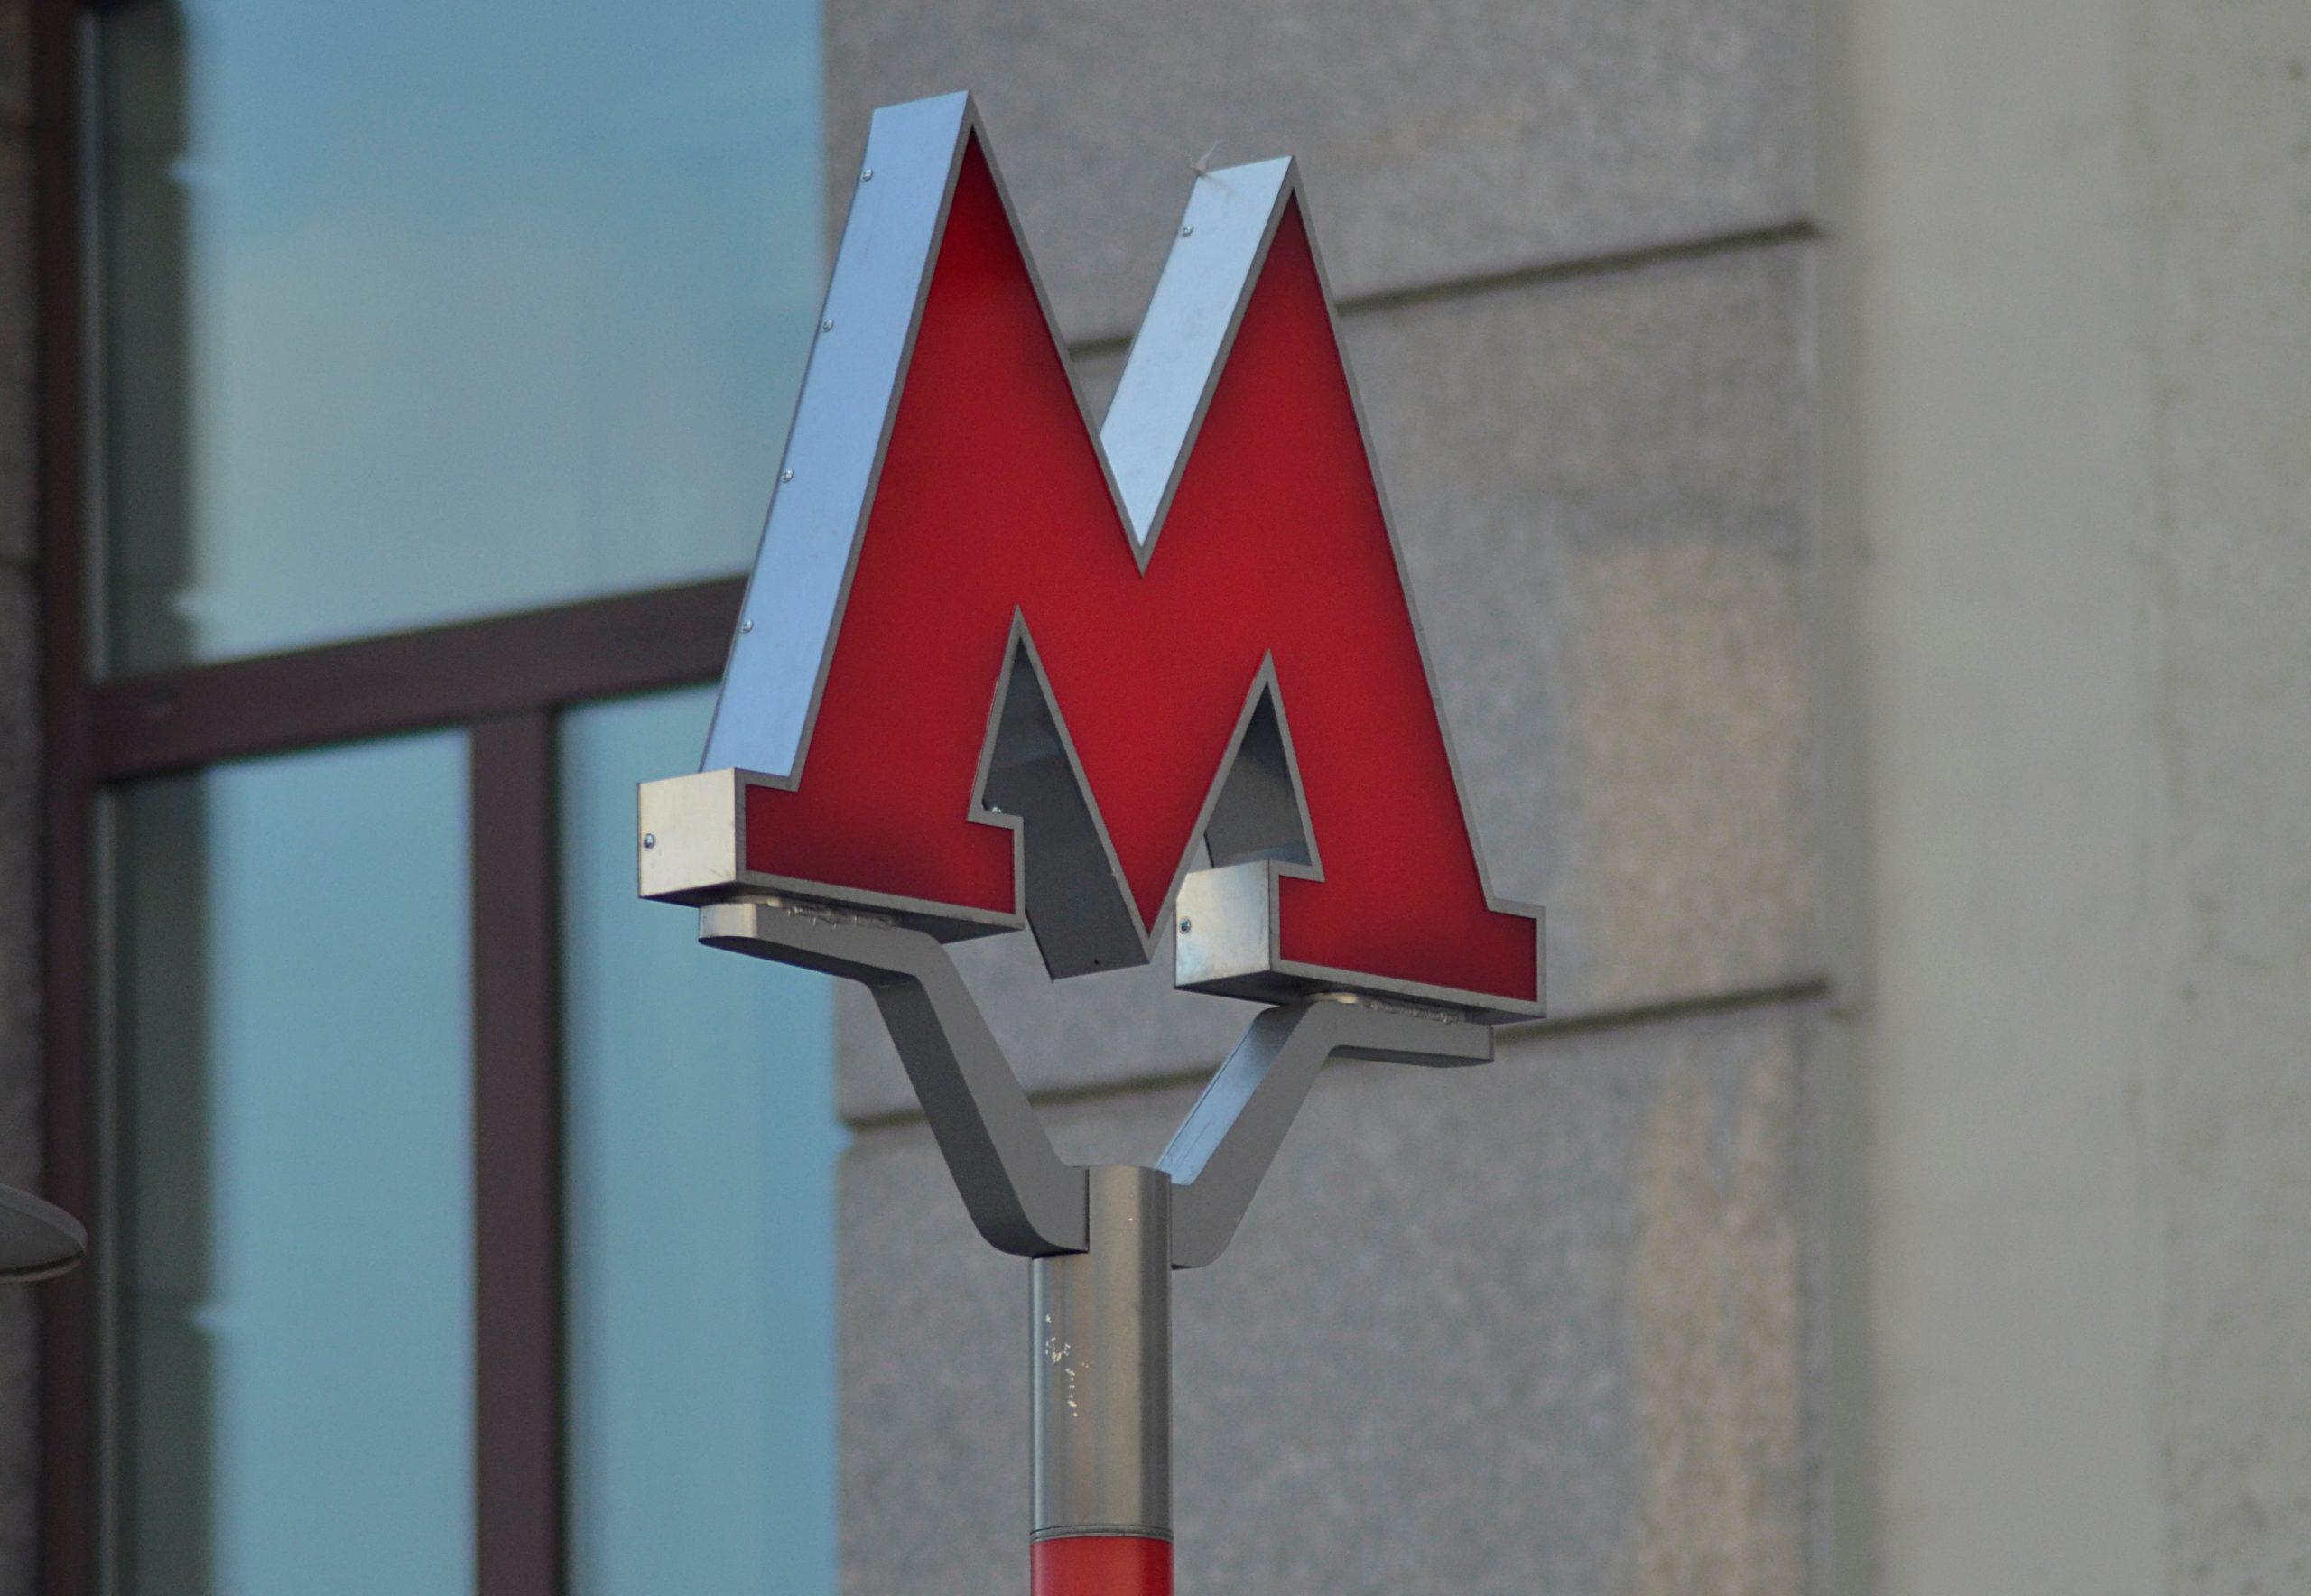 Запуск Большой кольцевой линии метро улучшит транспортную доступность 35 парков и прогулочных зон